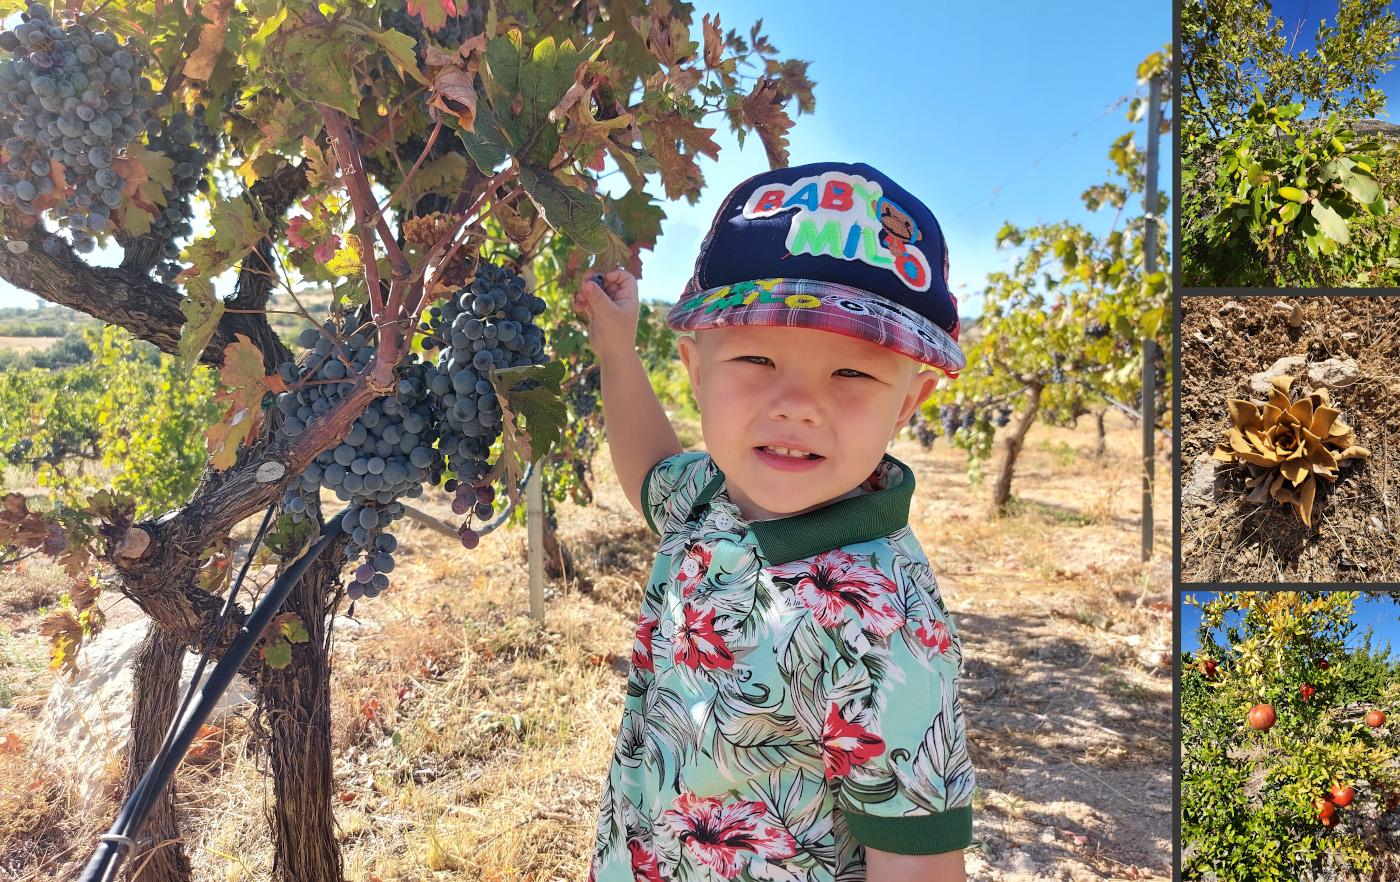 Фото 2. По пути к Арке в каньоне Сасон (Mut Sason Kanyonu) туристы могут увидеть, как растут гранаты, яблоки, виноград и другие фрукты.